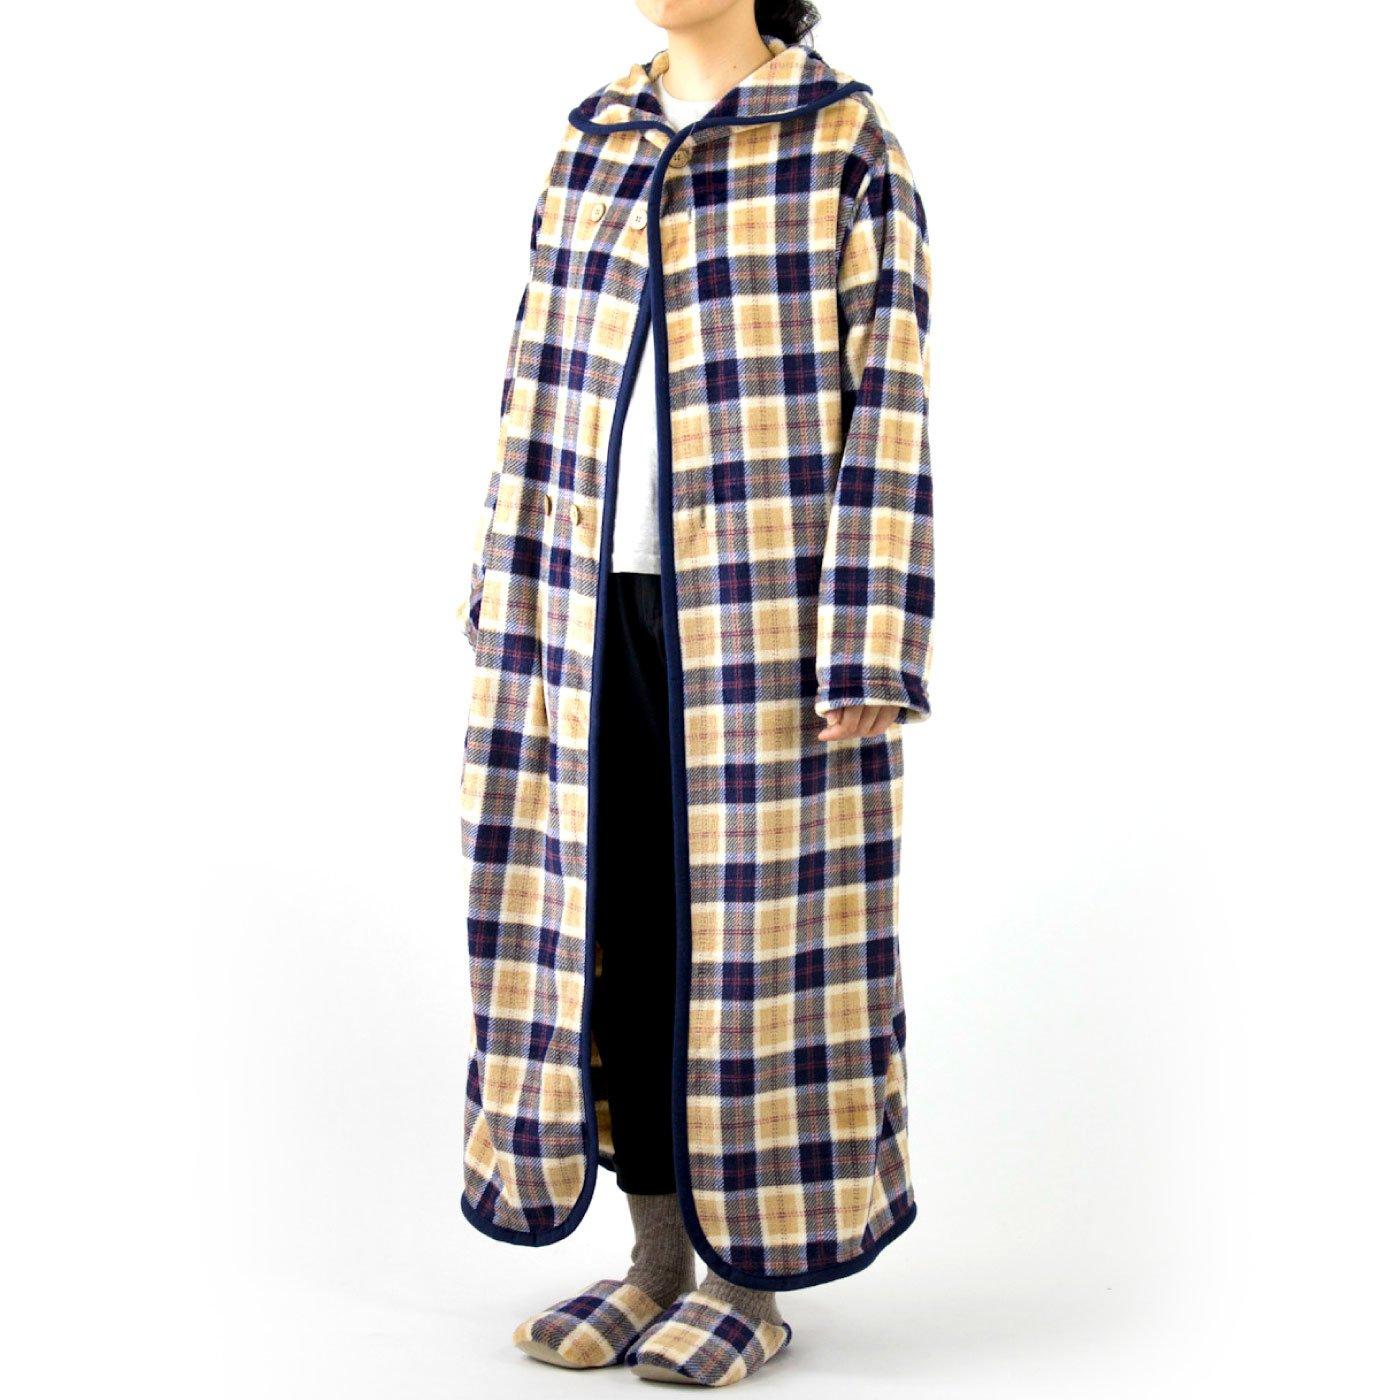 全身包み込まれてやみつき フランネル着る毛布